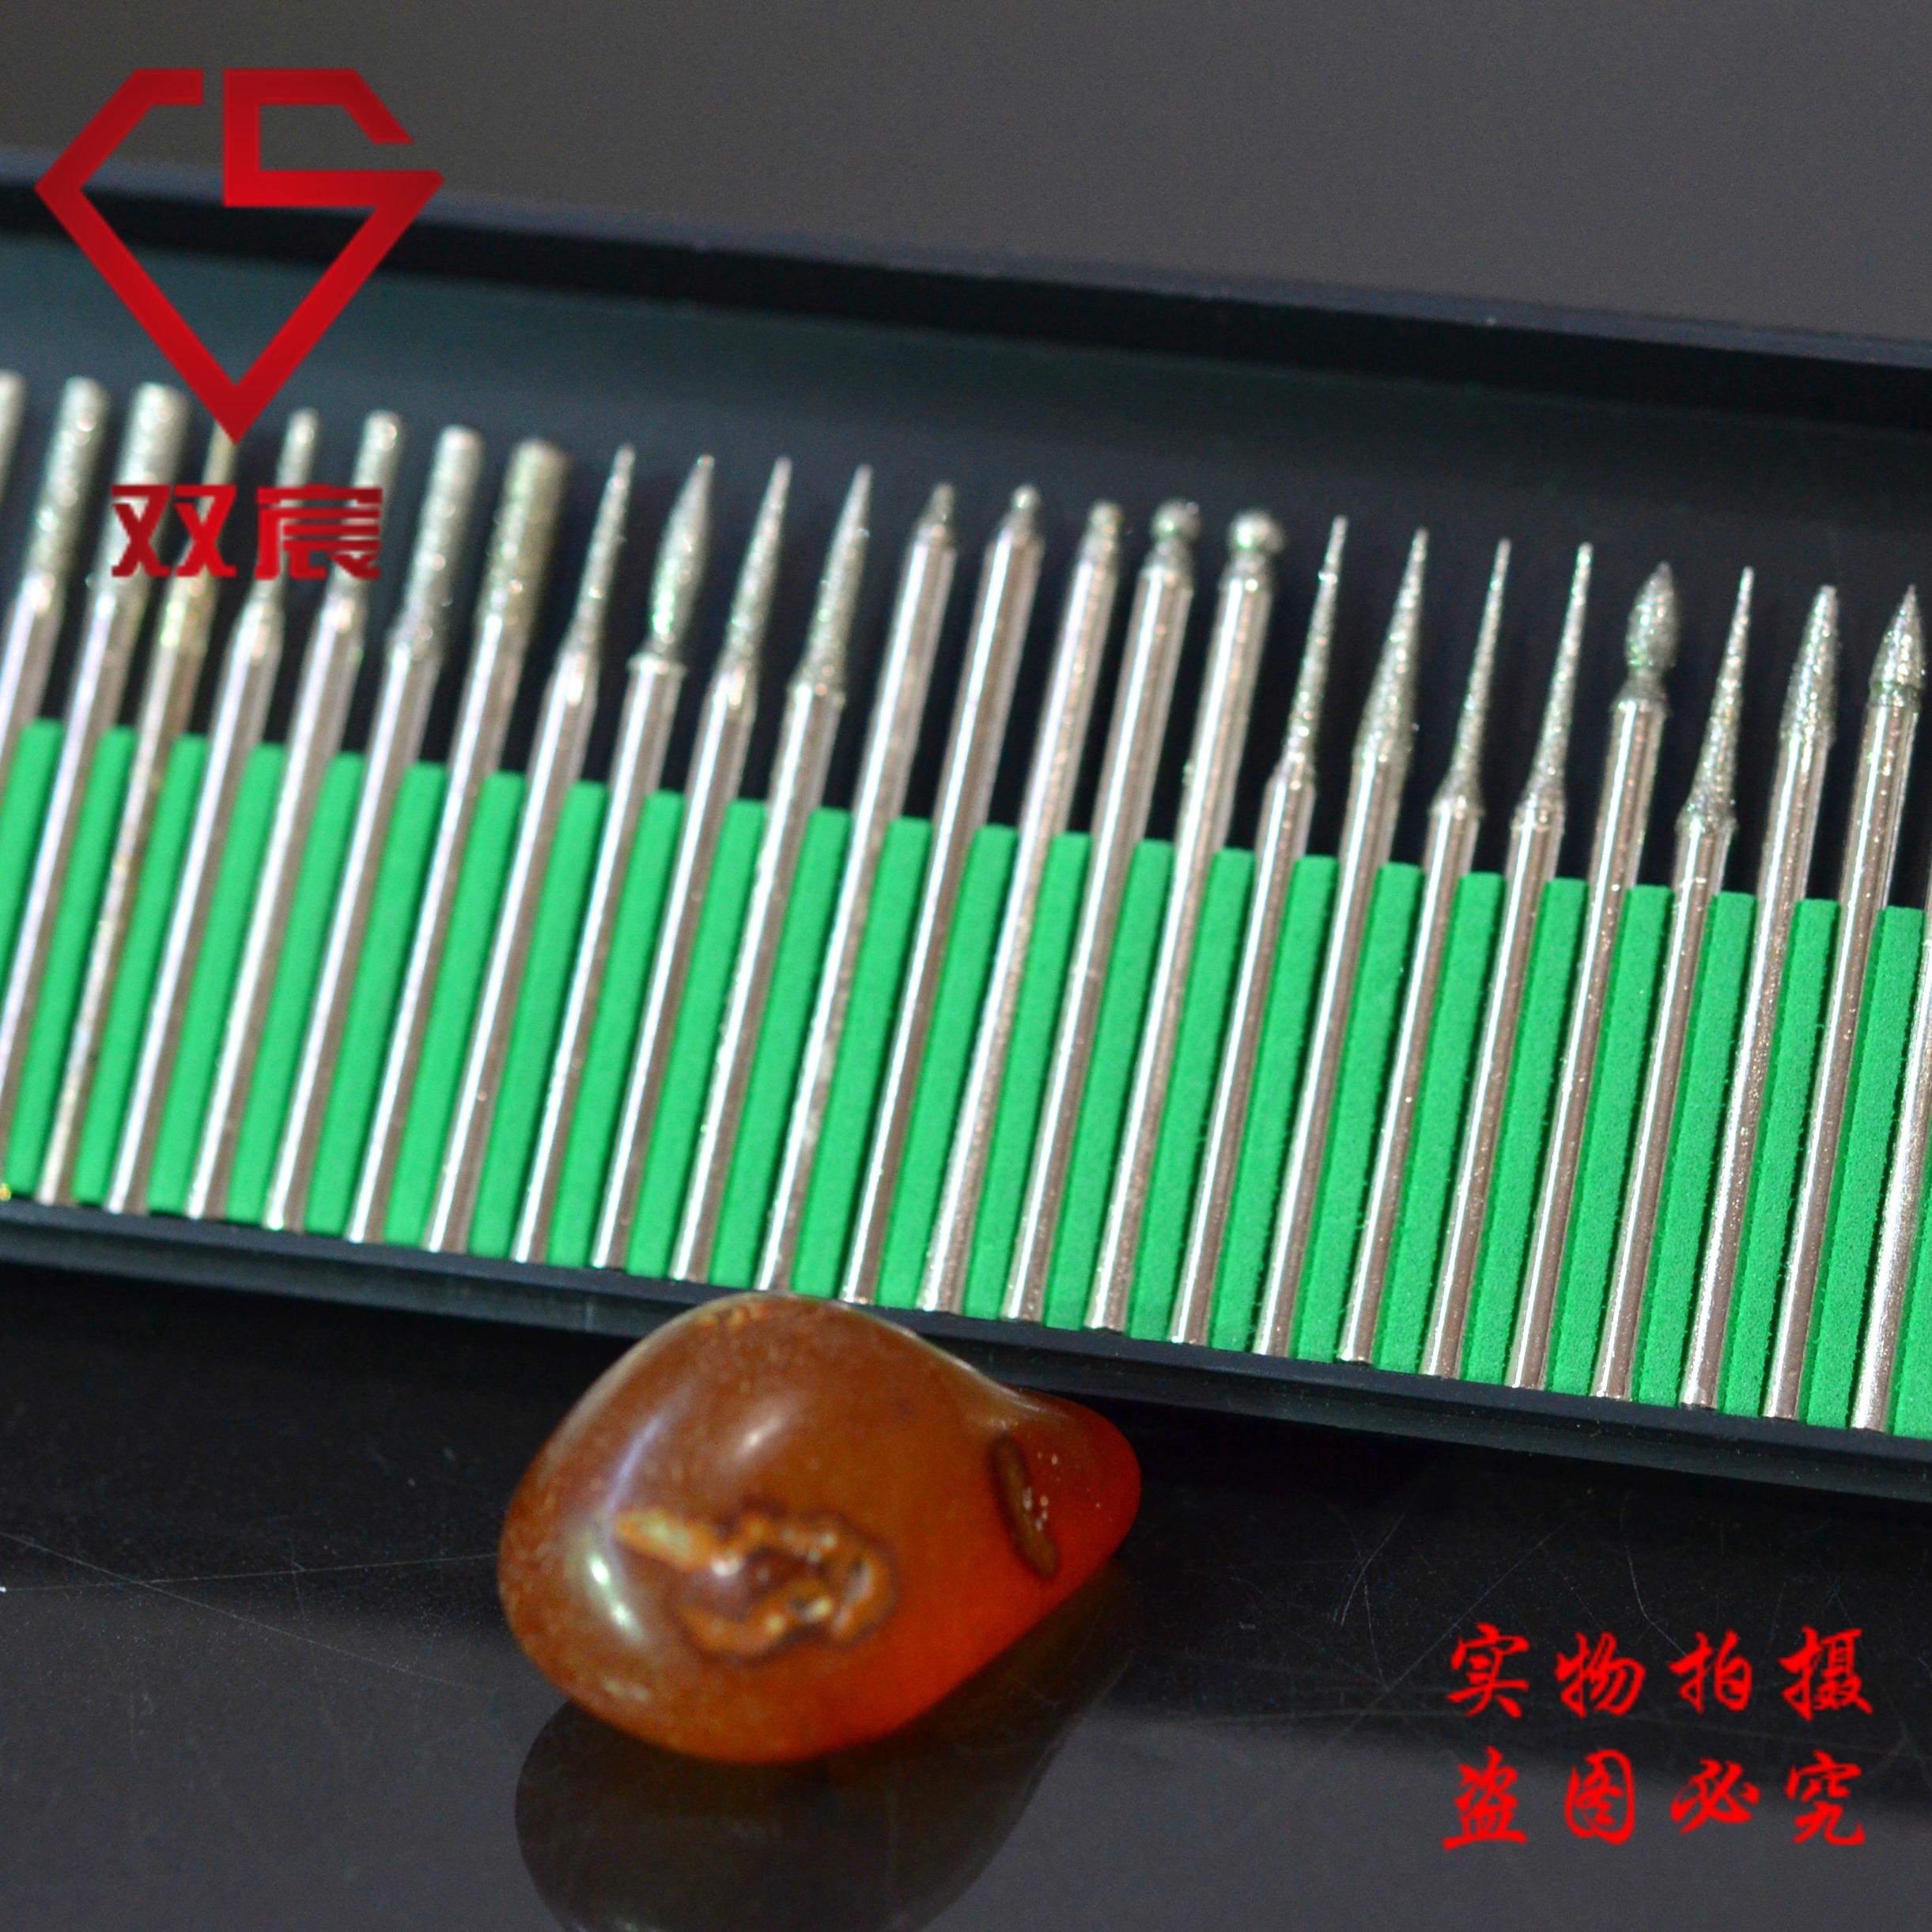 特価品はダイヤモンド磨针めっきダイヤモンド小磨頭賞翫品玉彫刻マーカー針に盒包郵便